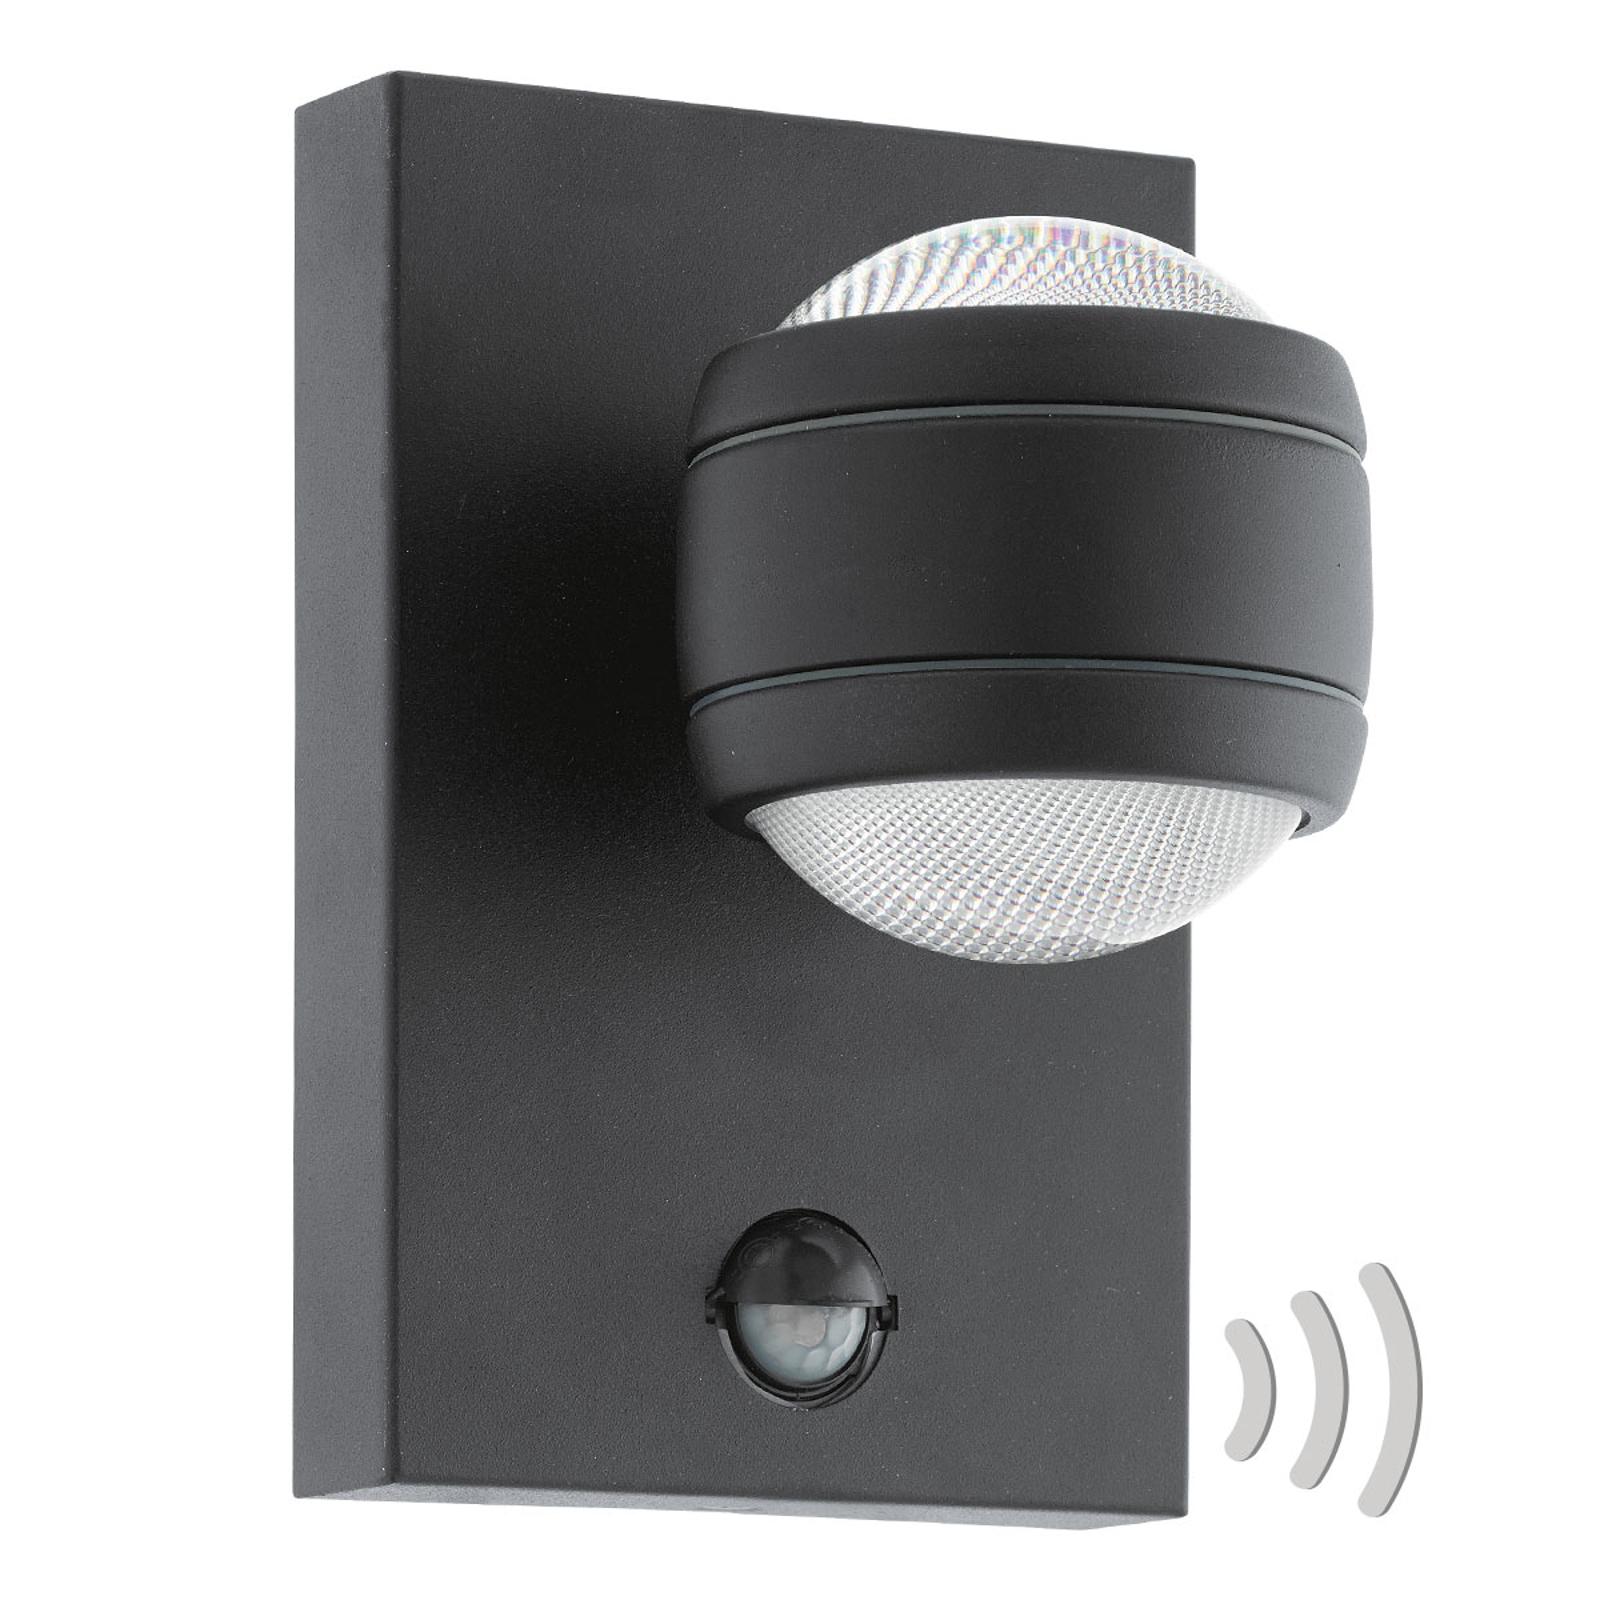 LED buitenwandlamp Sesimba 1 met bewegingsmelder